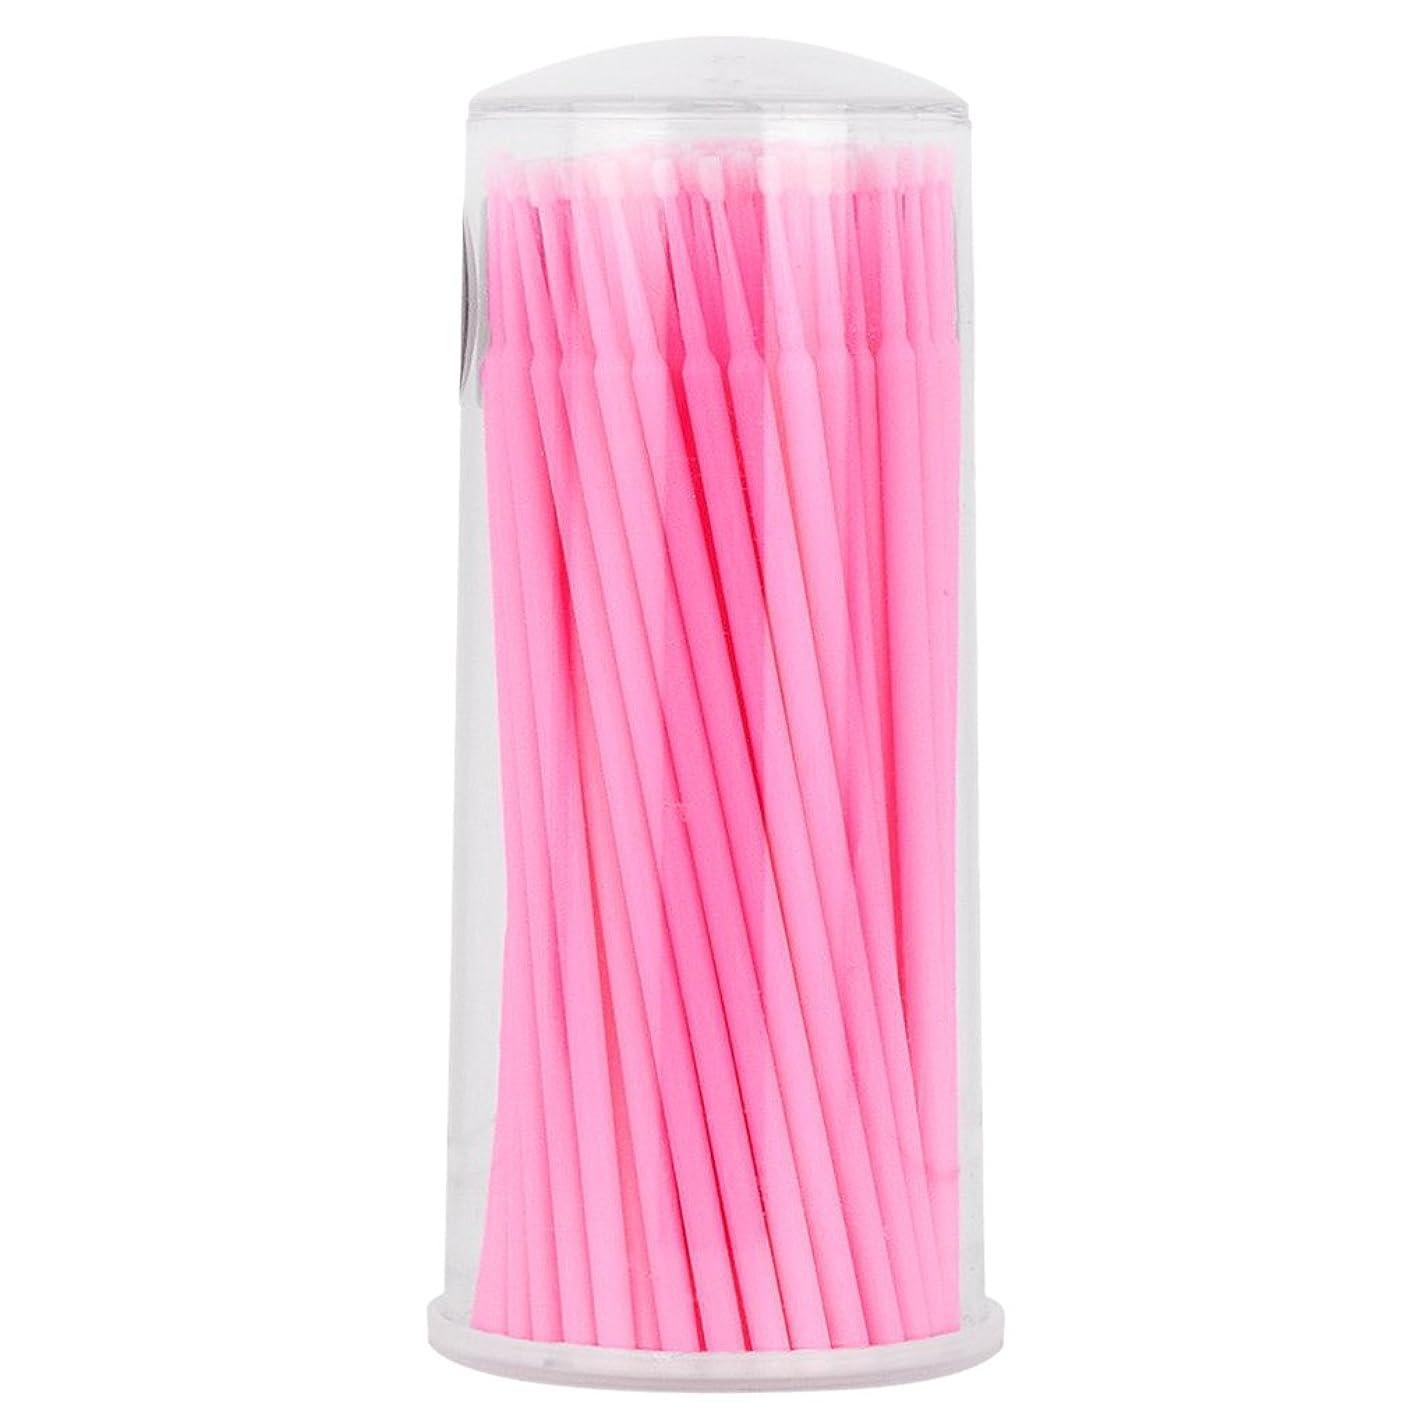 小切手尊厳役職Kesoto マイクロブラシ まつげ 使い捨て 睫用 先端曲げ アプリケータ 約100個入り  - ピンク